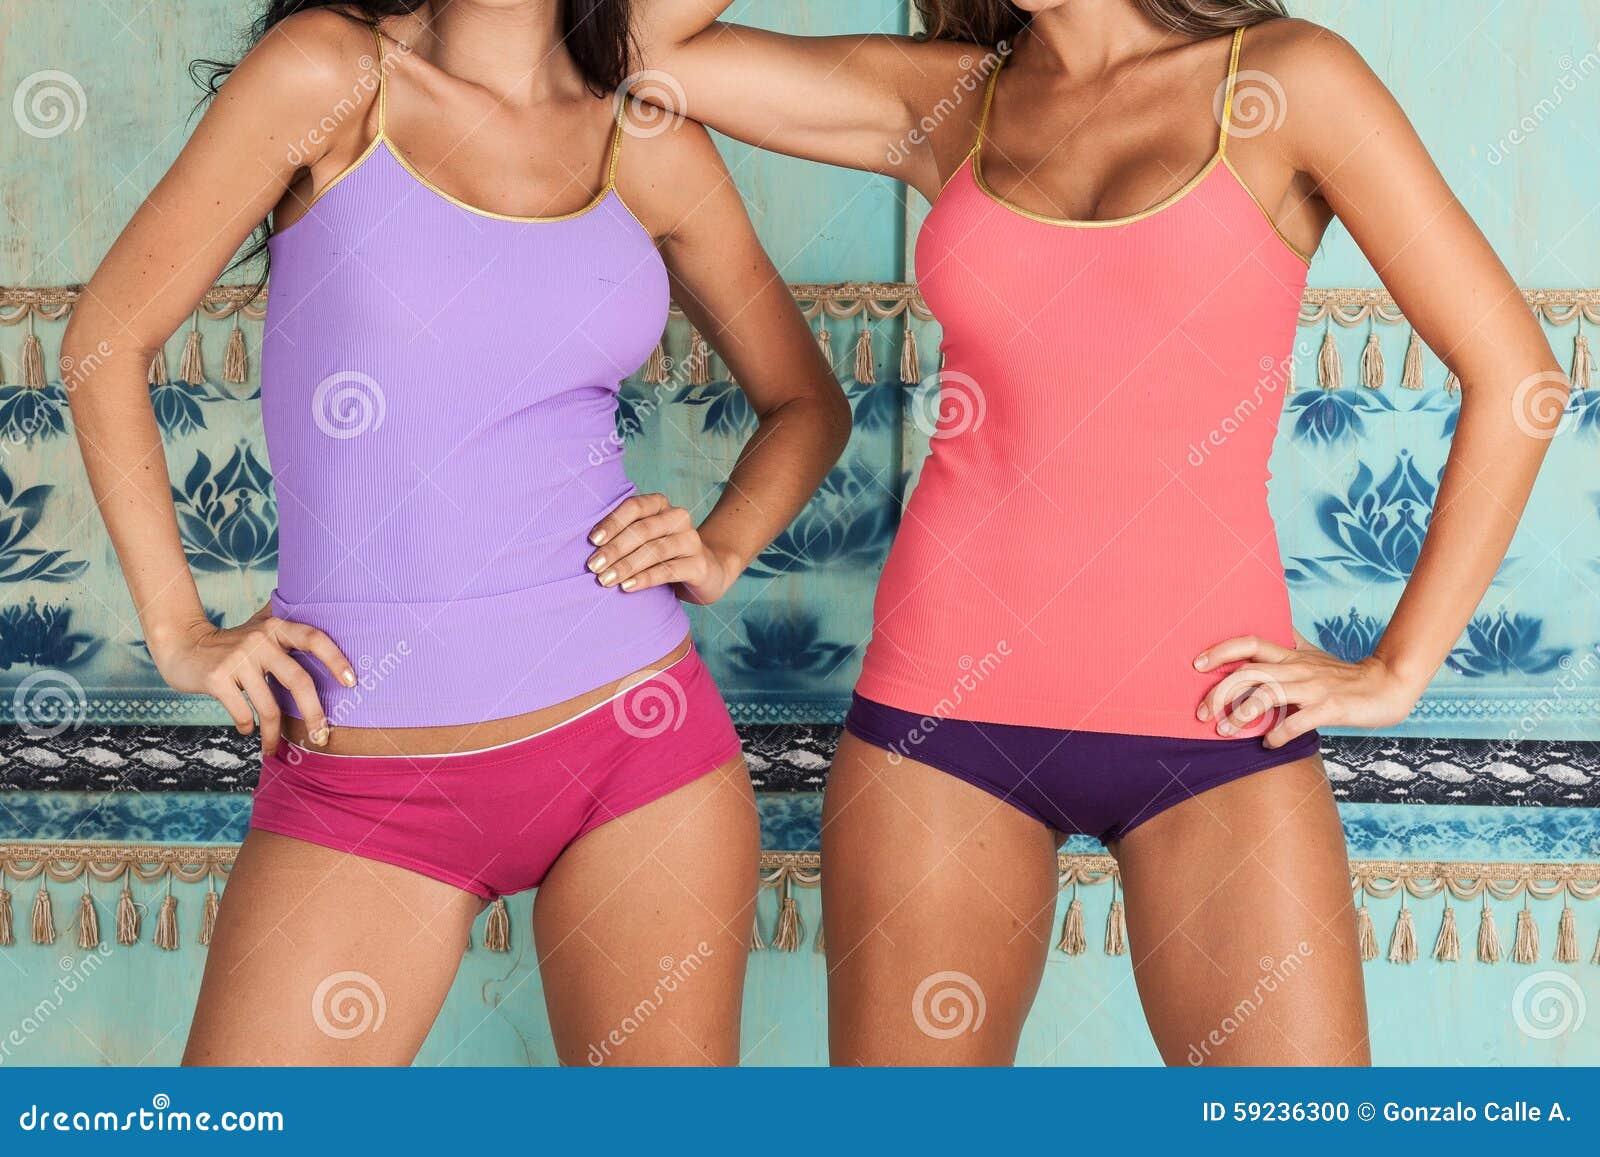 Download Cuerpos Hermosos De Las Mujeres Que Modelan La Ropa Interior Foto de archivo - Imagen de sensualidad, seductive: 59236300